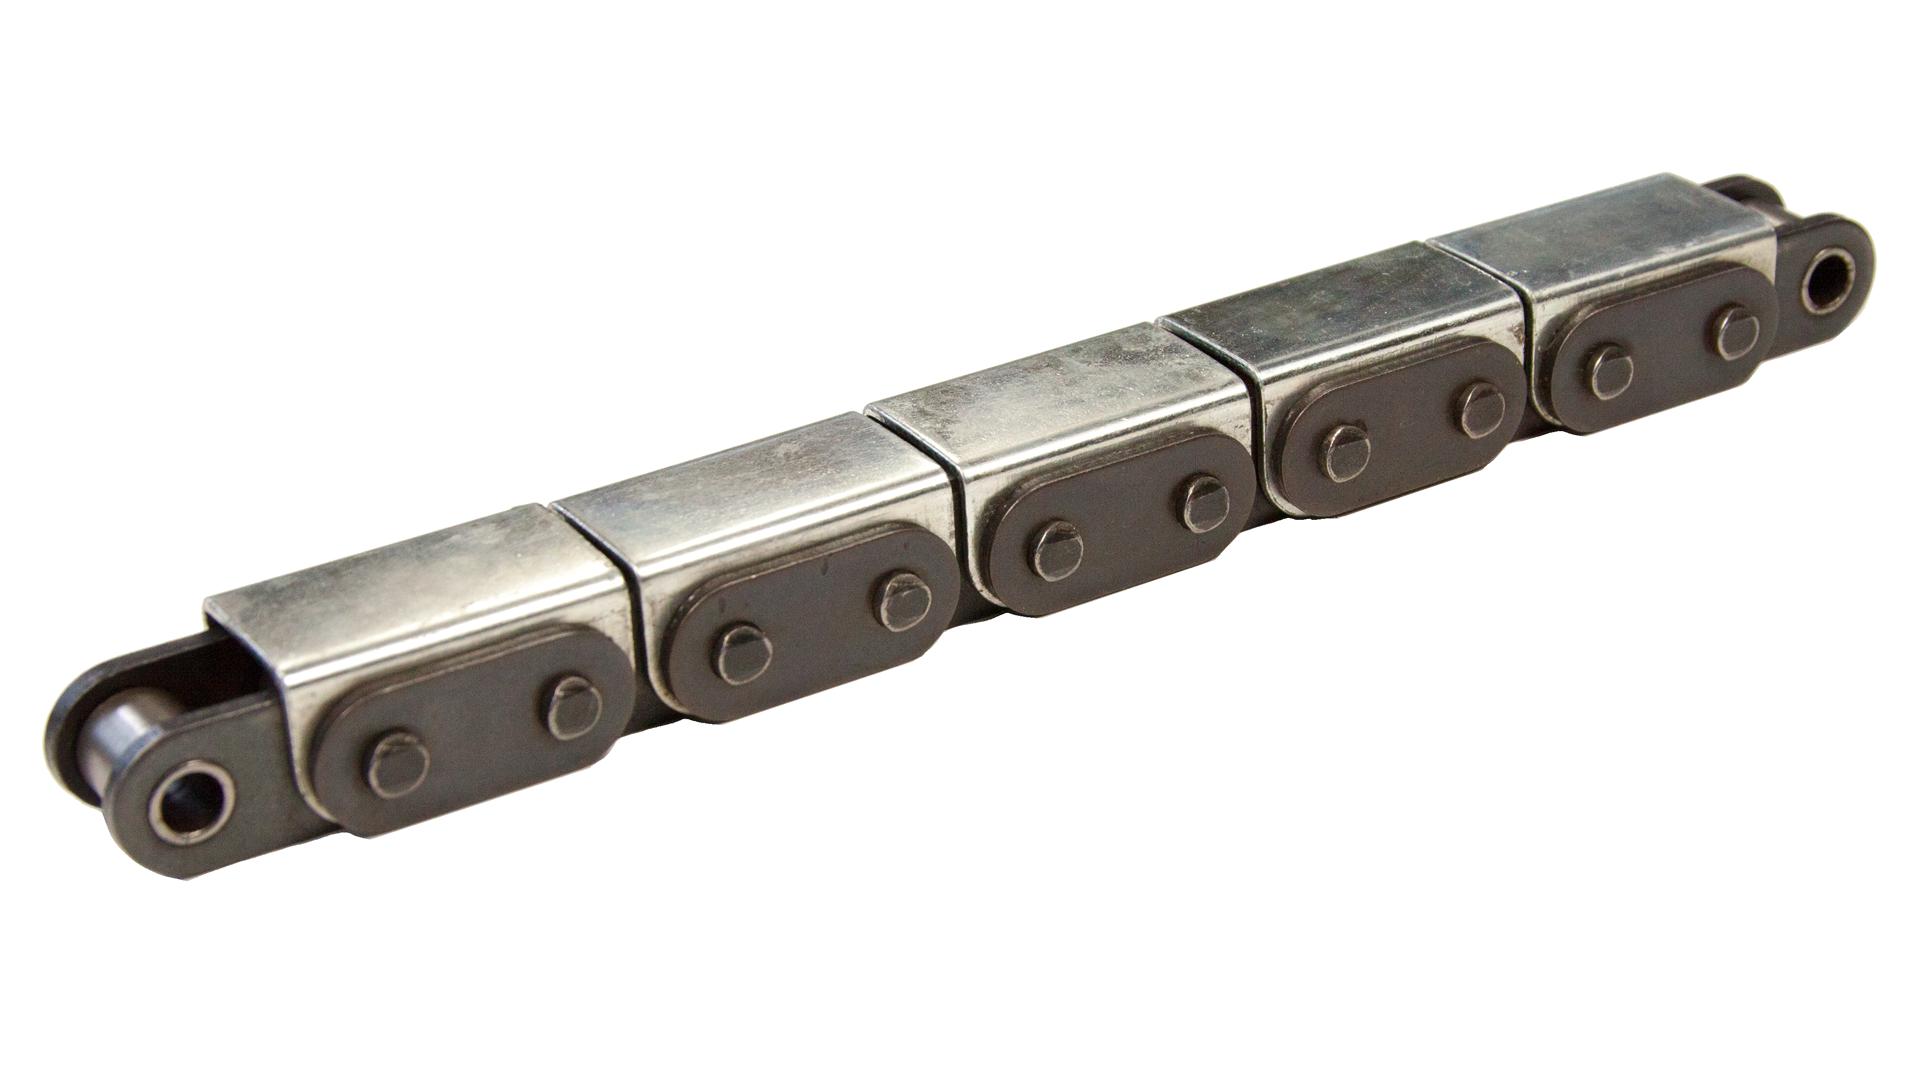 Einfach-Rollenkette (Simplex), mit geraden Laschen und U-Bügel (2)